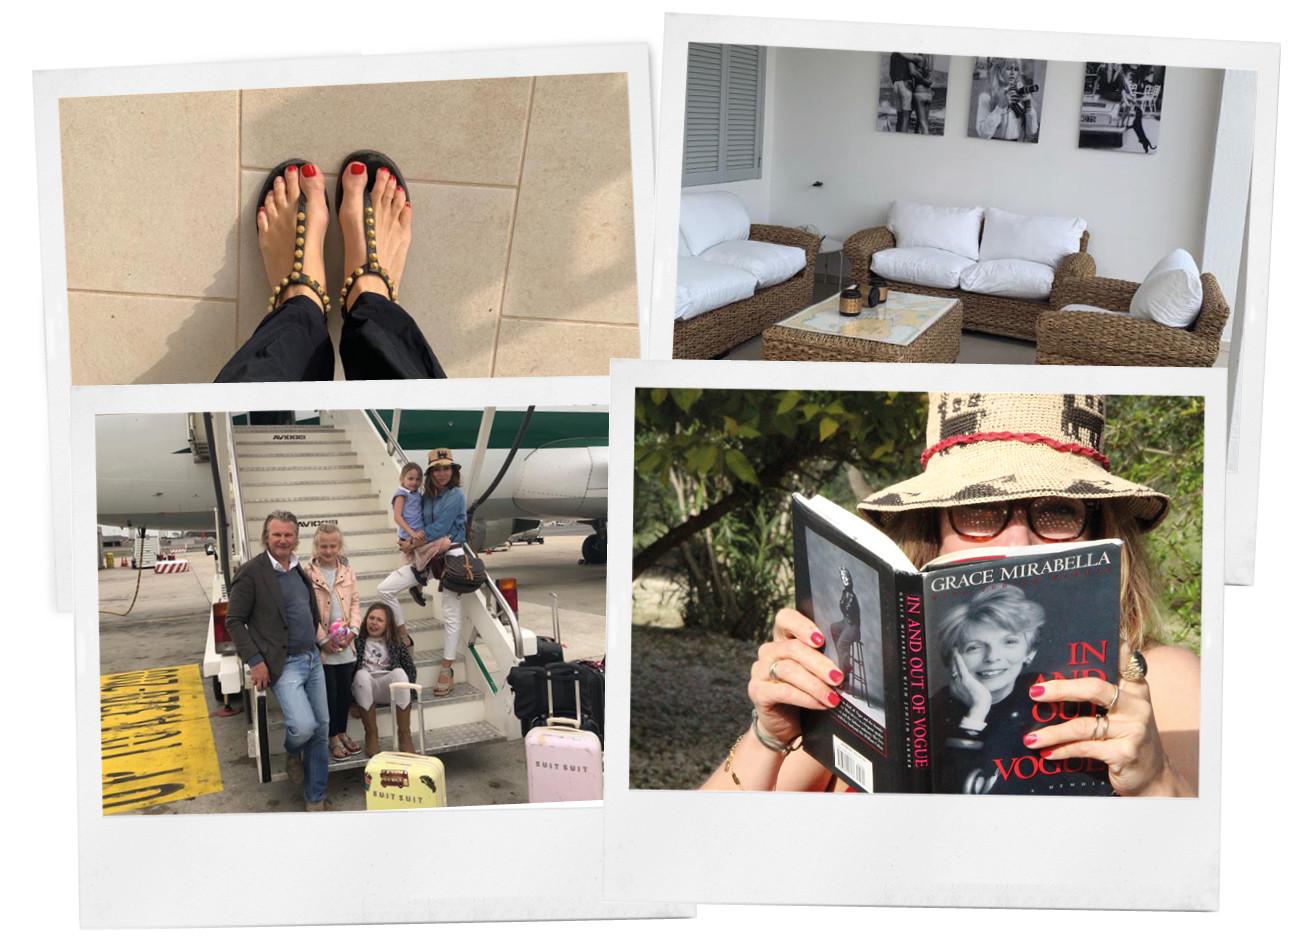 polaroids van may haar vakantie, bikini boek lezen met zomerhoed, sandalen met gelakte teennagels, familie foto bij het vliegtuig, suitsuitkoffers, interieur van het vakantiehuis